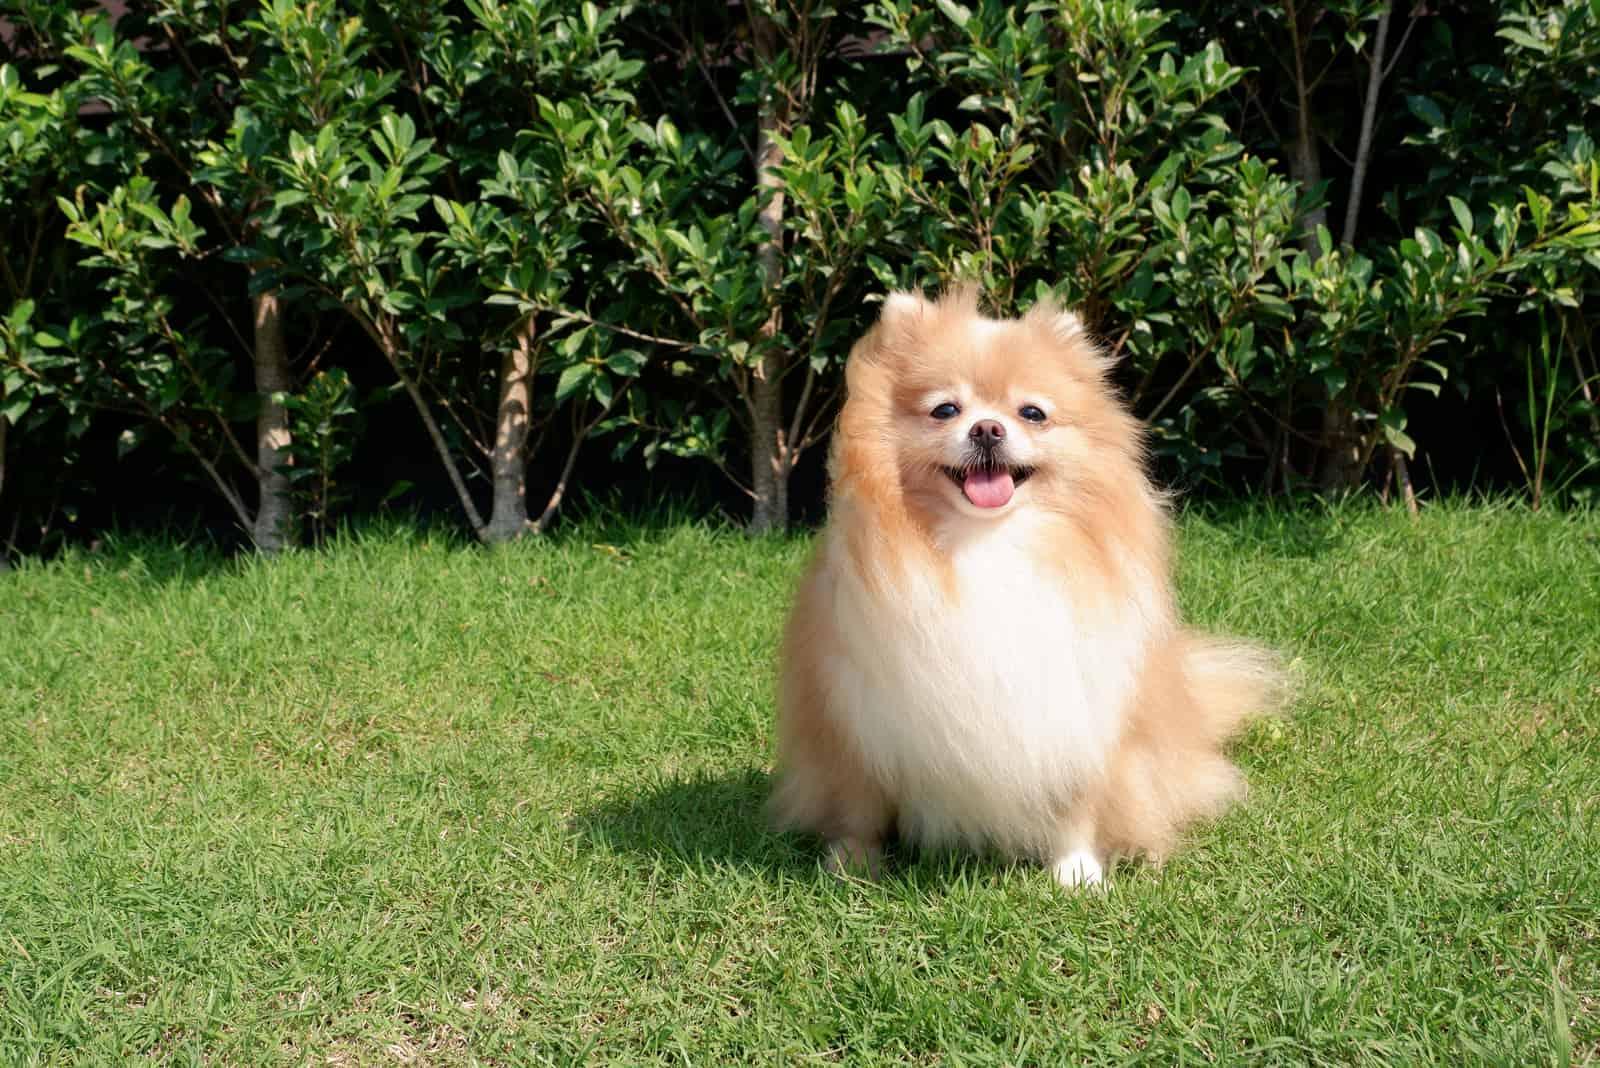 Netter pommerscher weiblicher Hund, der auf grünem Gras sitzt